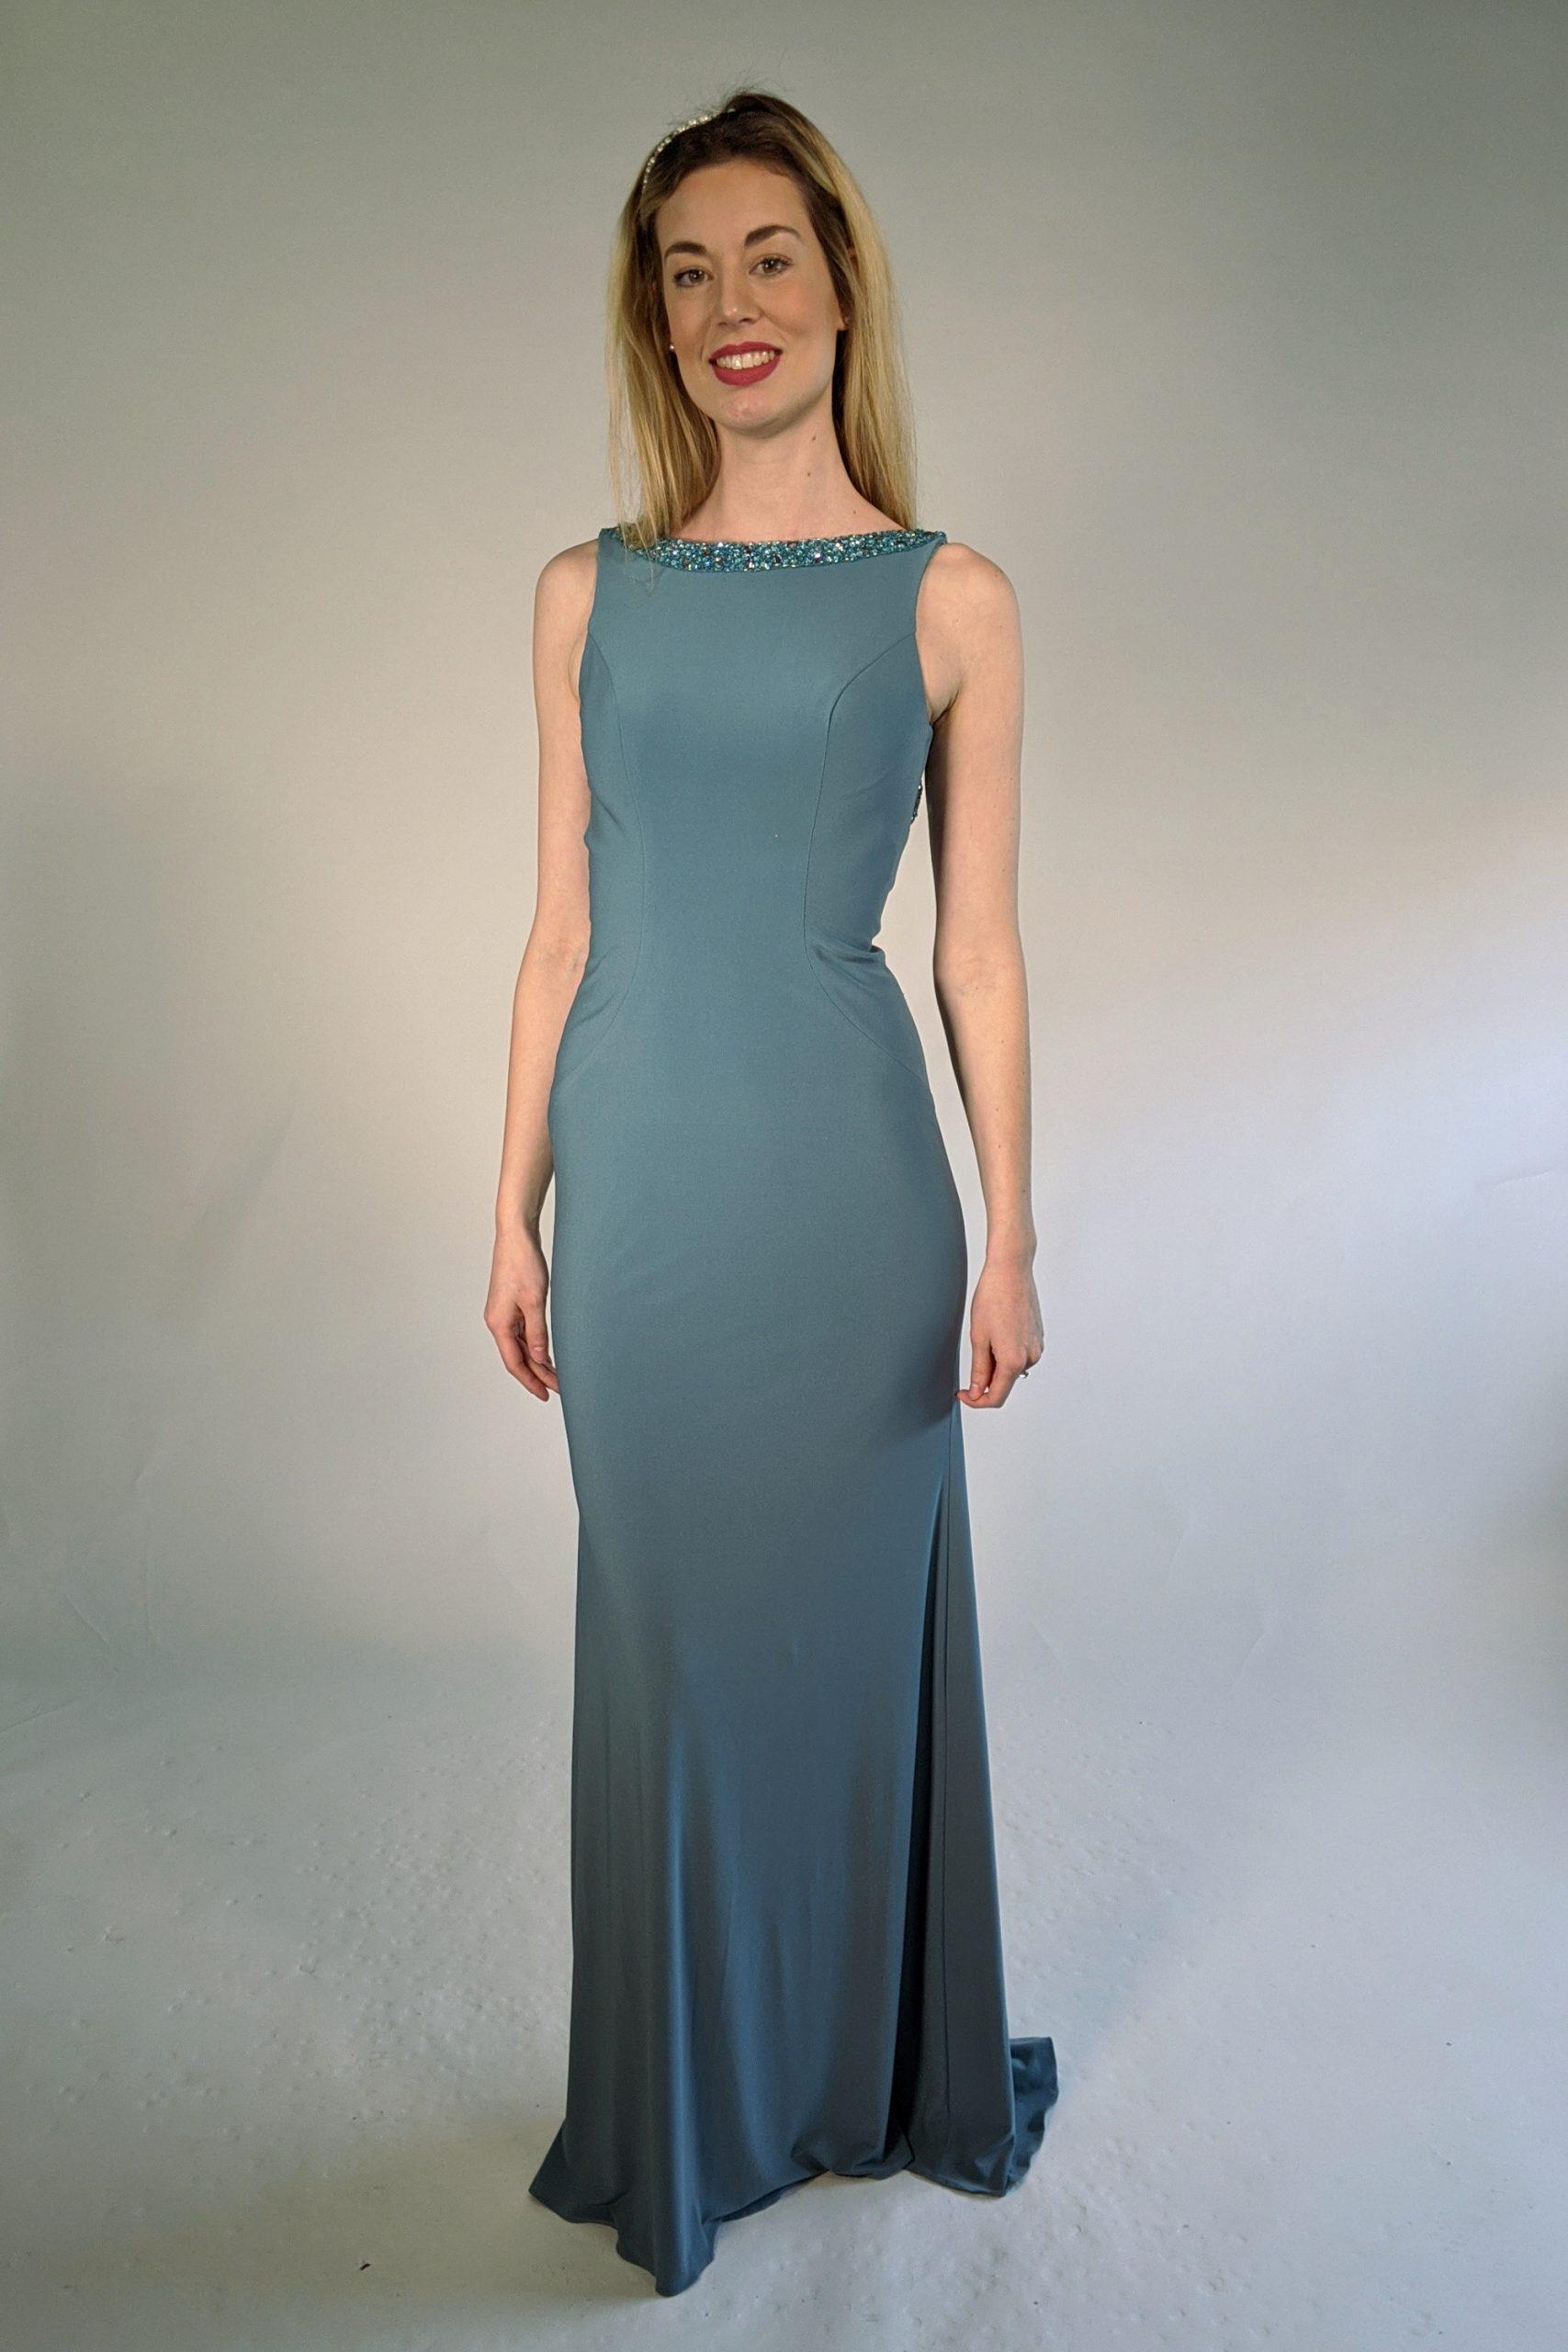 Designer Schön Figurbetontes Abendkleid Spezialgebiet10 Spektakulär Figurbetontes Abendkleid Stylish